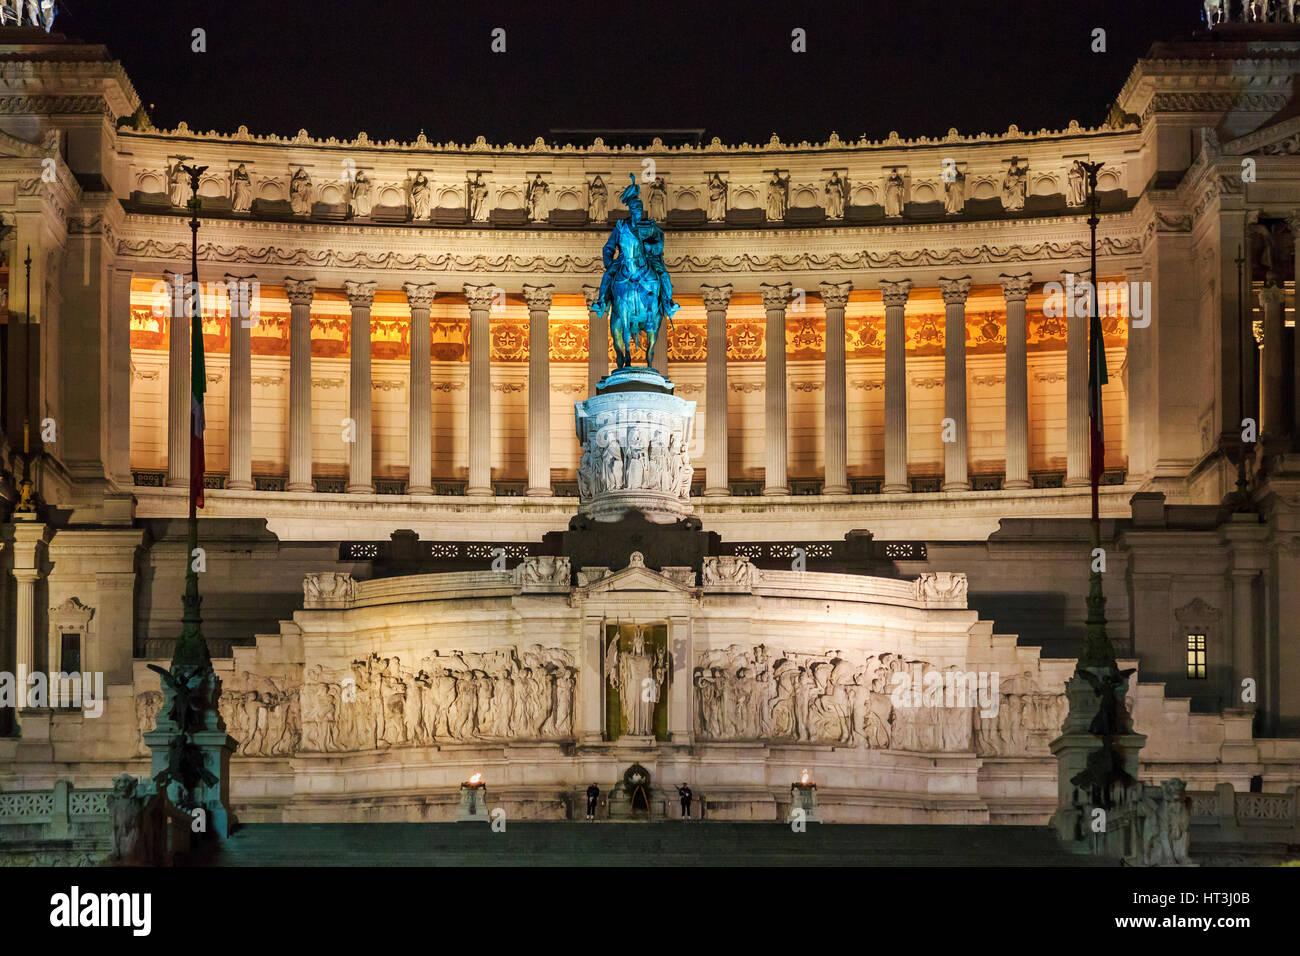 Monumento di Vittorio Emanuele, via Teatro Marcello, Roma, Italia Immagini Stock